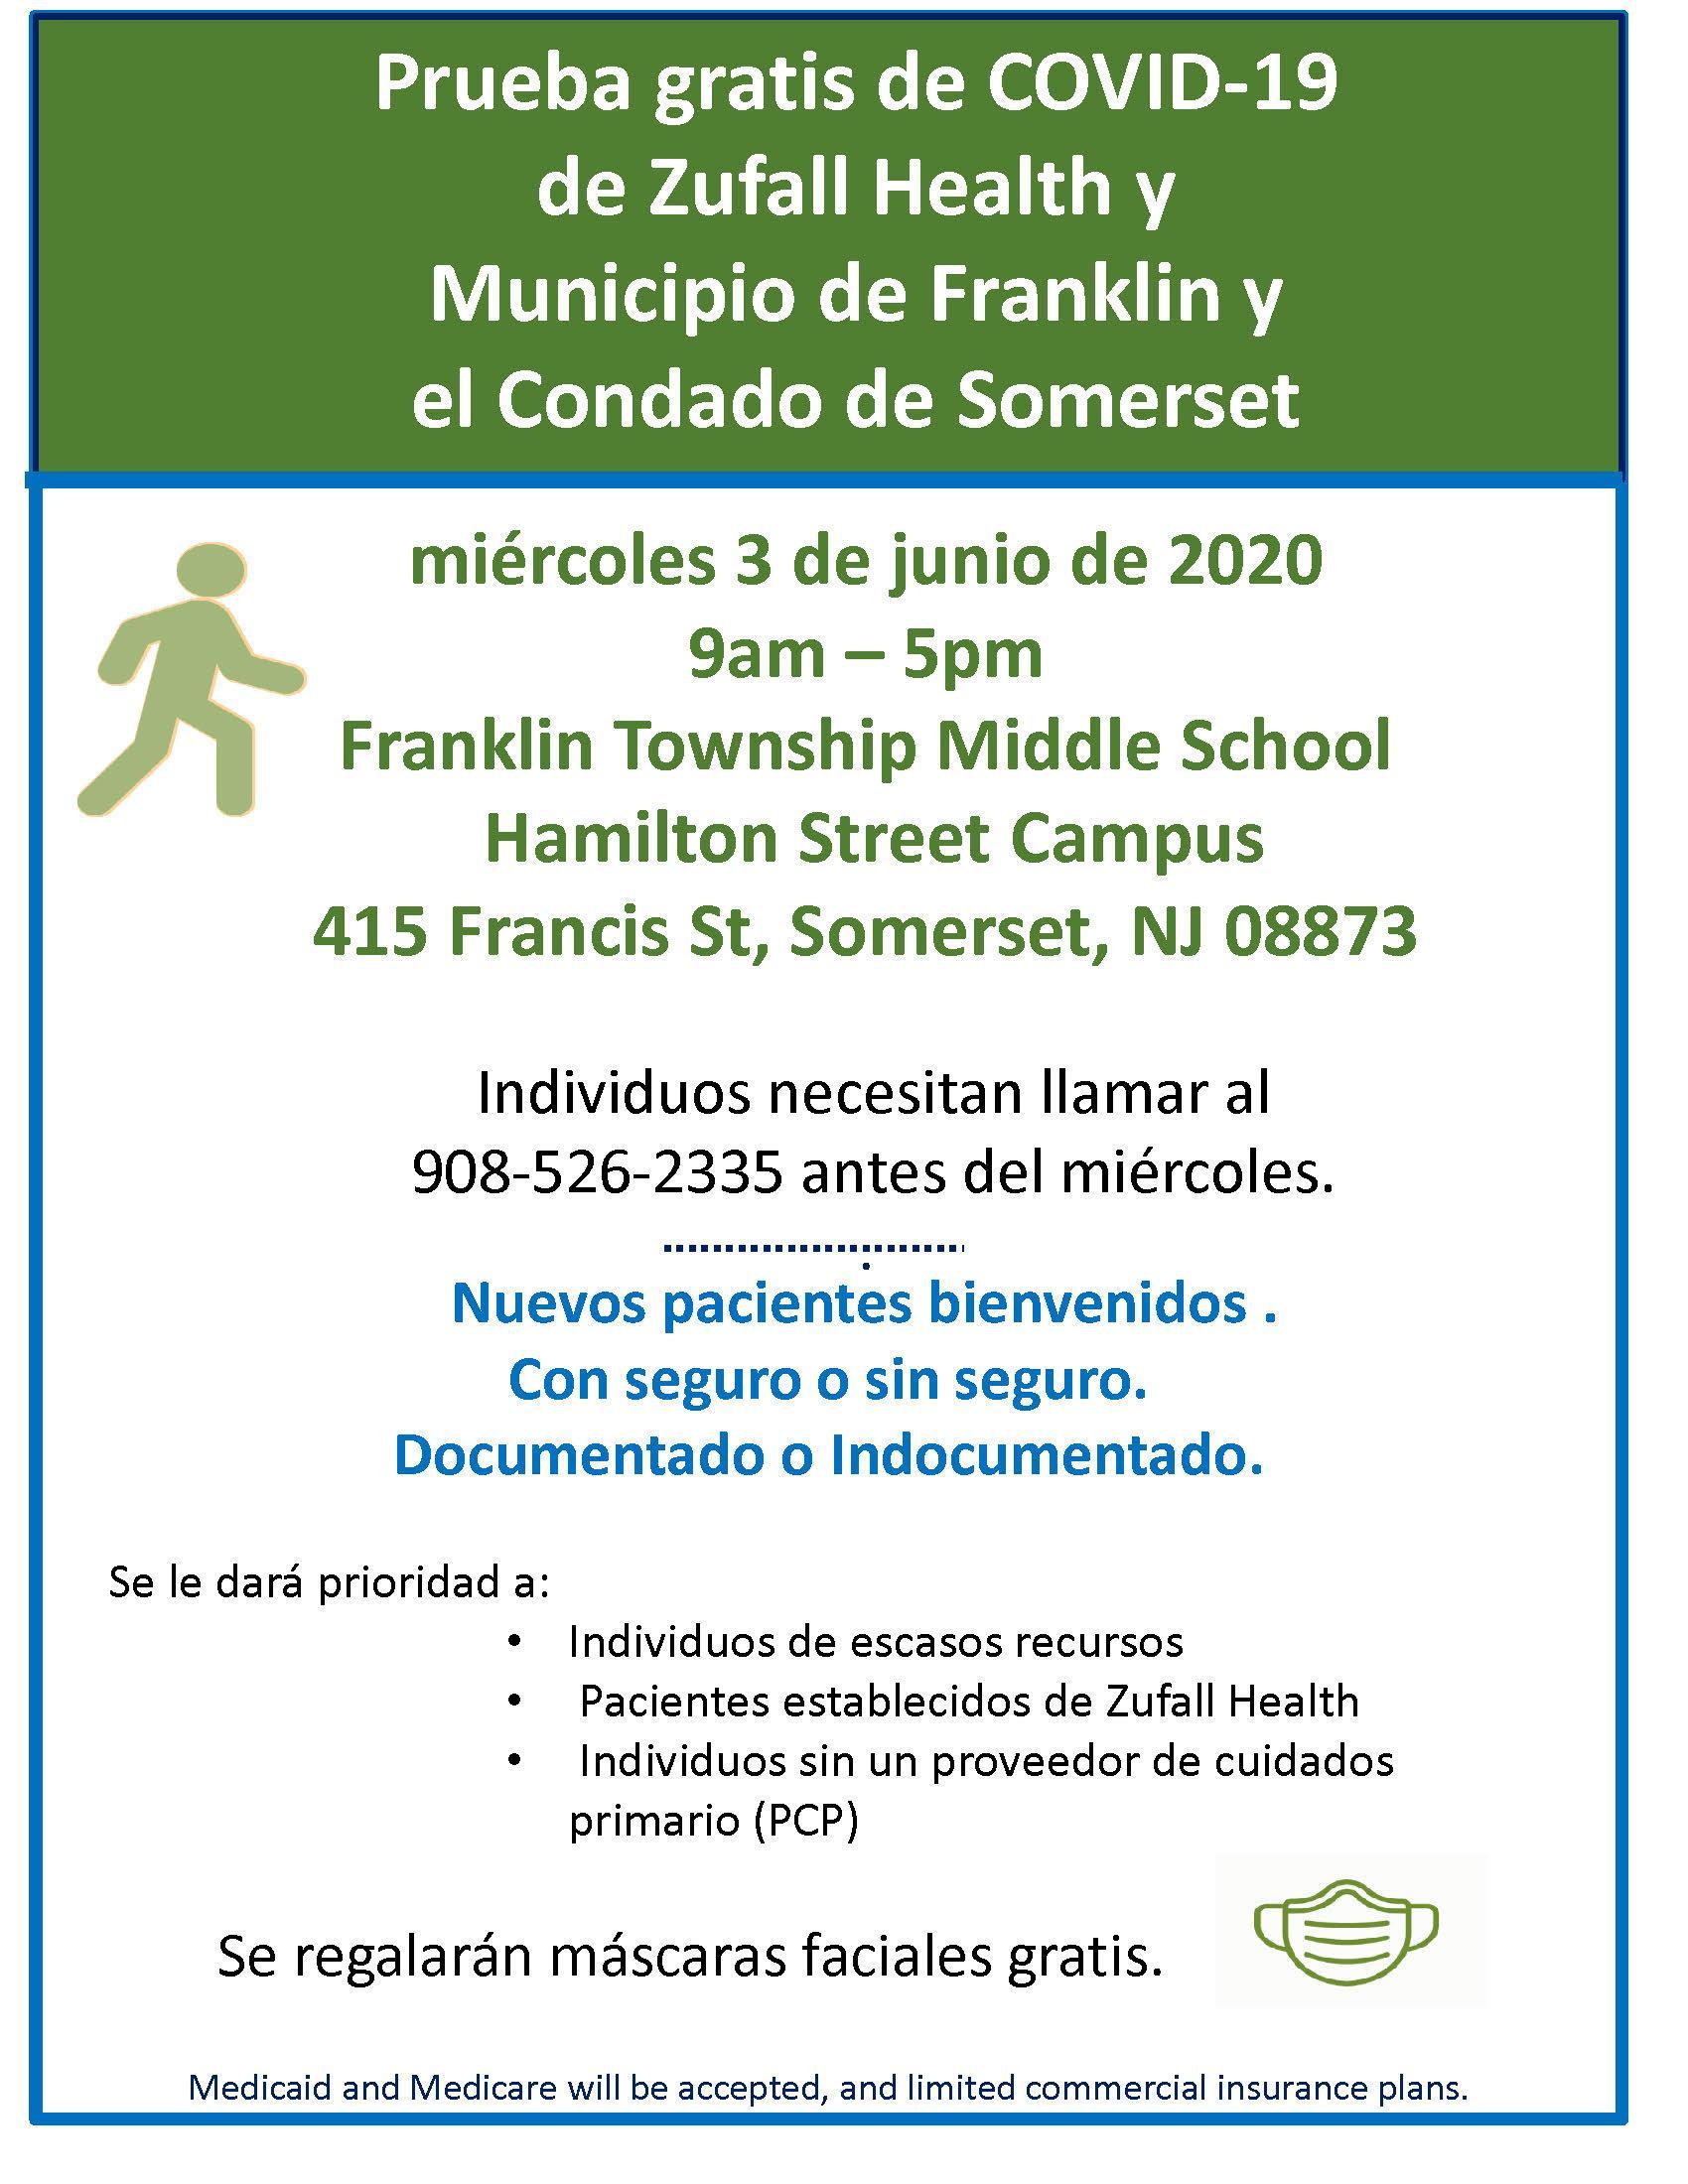 Folleto para prueba gratis de COVID-19 de Zufall Health y Municipio de Franklin y el Condado de Somerset el miércoles 3 de junio de 9:00 a.m. - 5:00 p.m.en Franklin Township Middle School, el campus de Hamilton Street.